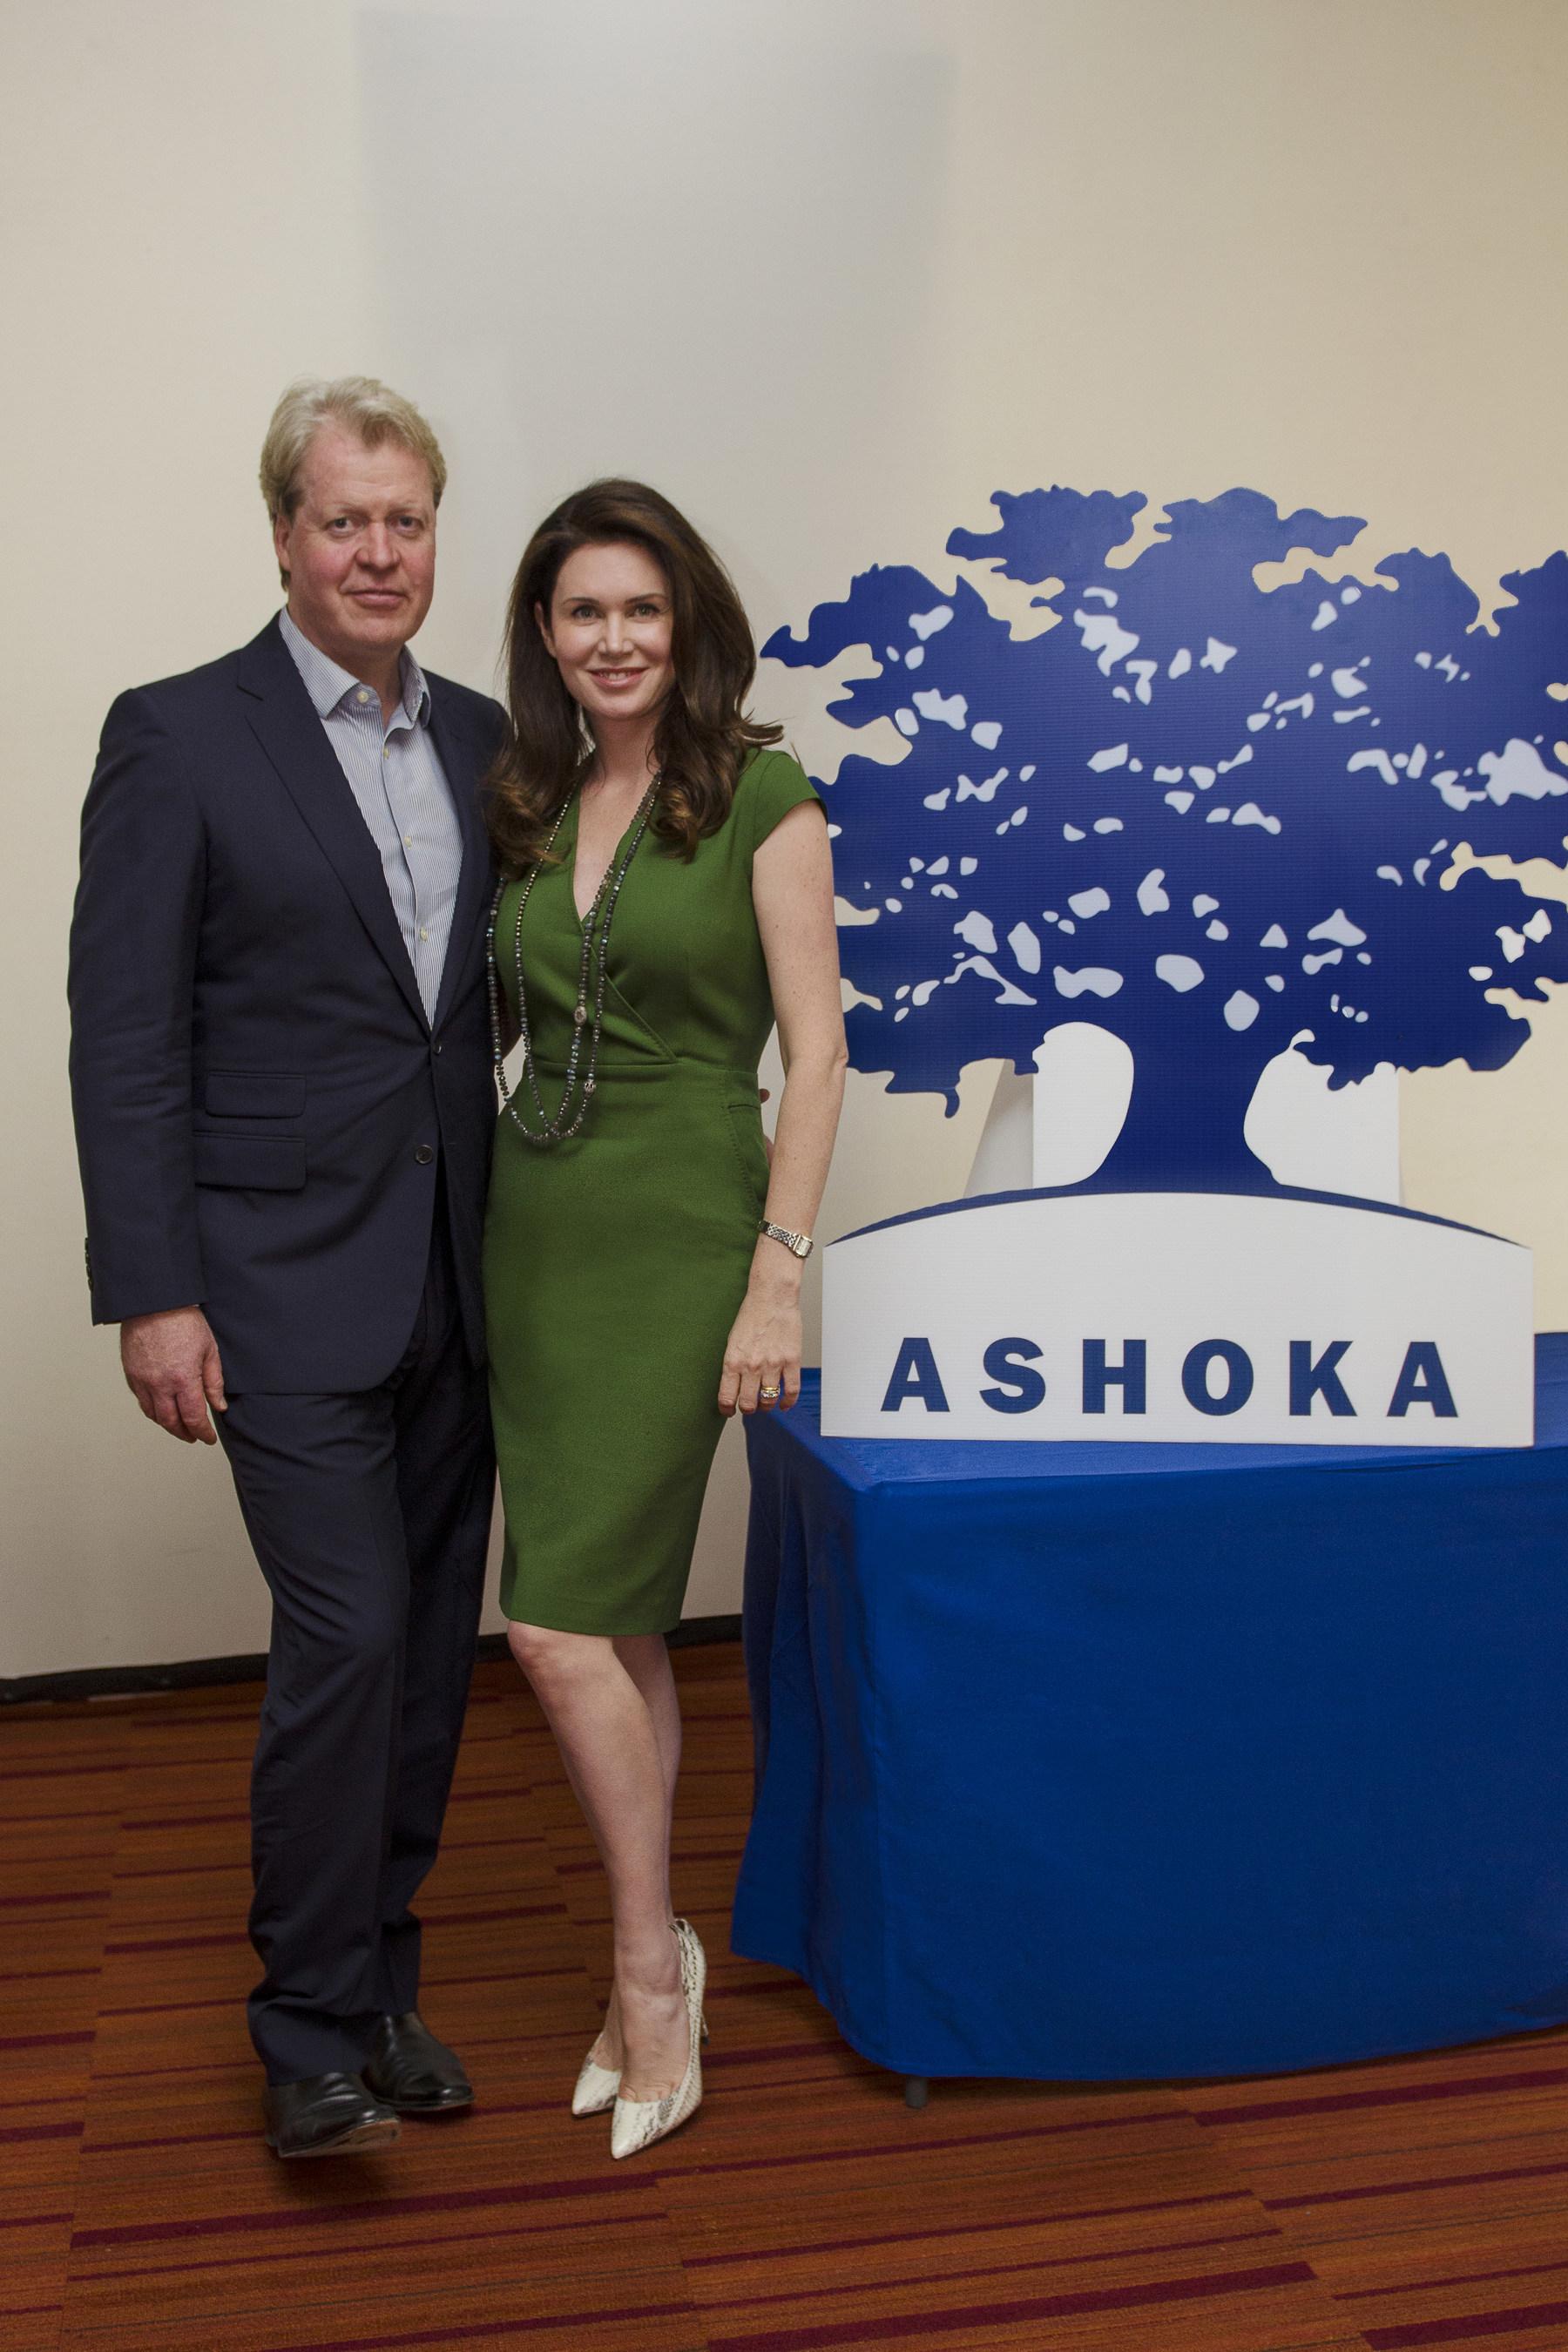 Графиня Спенсер избрана членом сообщества Ashoka в качестве признания ее работы по заполнению